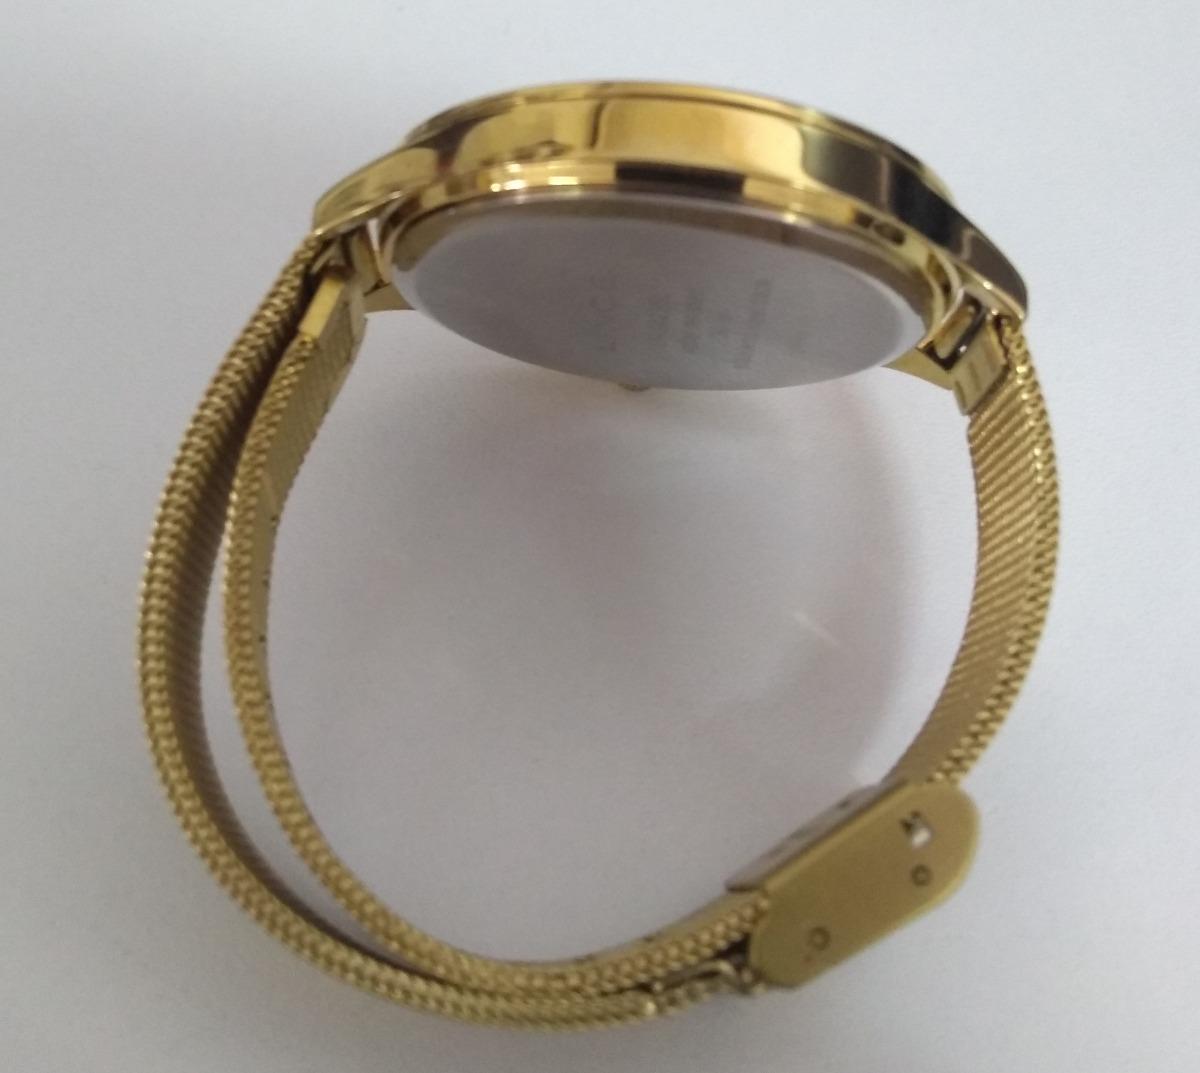 82670cb0d9e kit relógio lince feminino analógico fashion brinco e colar. Carregando  zoom.